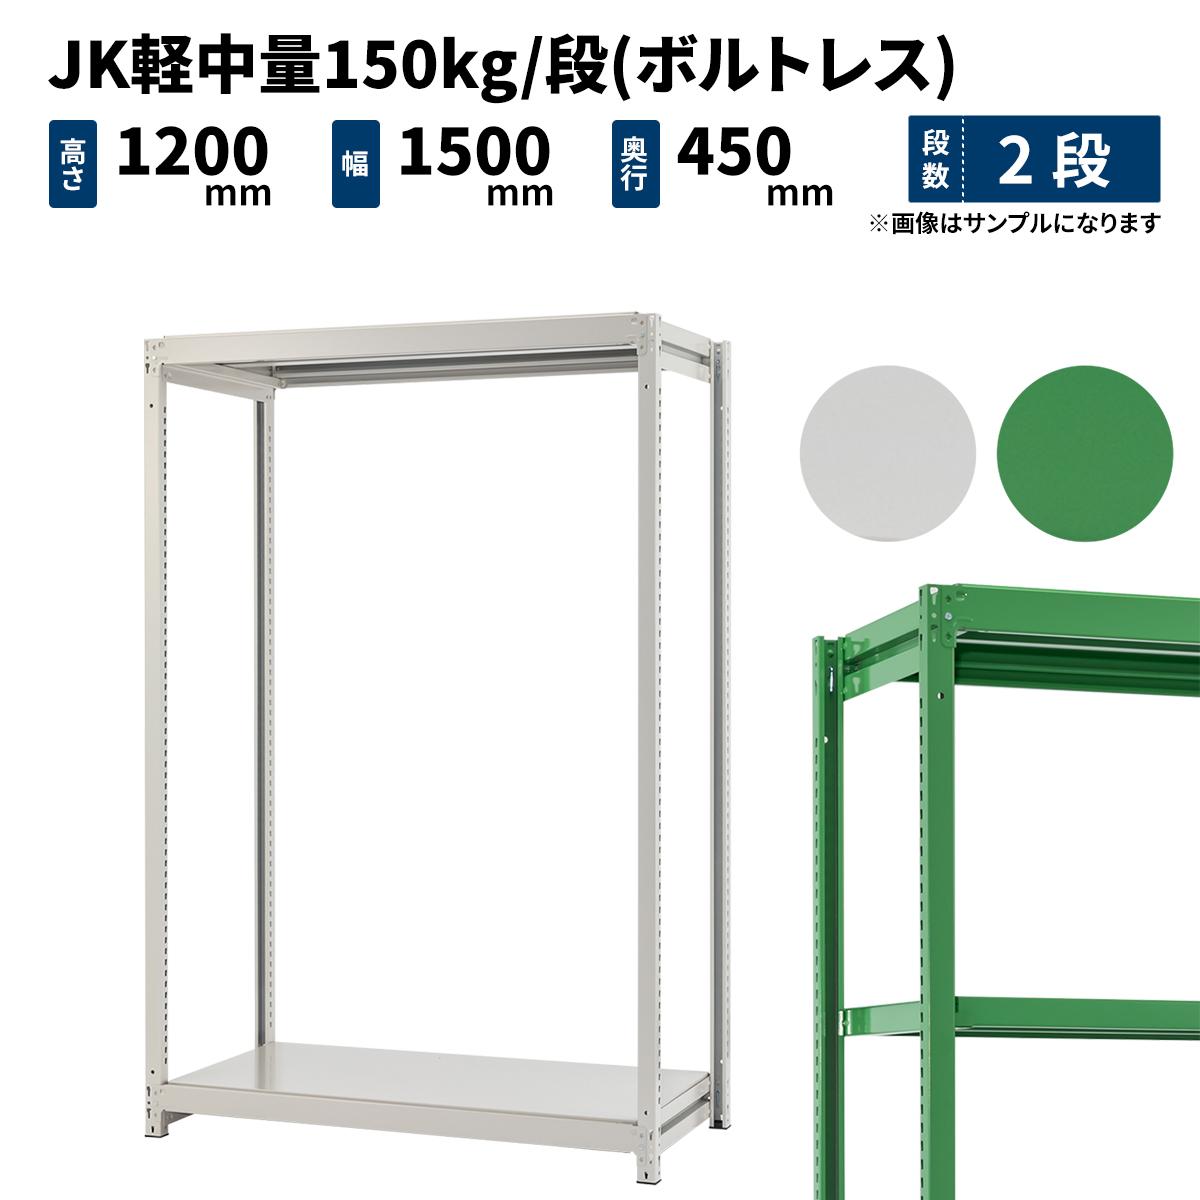 スチールラック 業務用 JK軽中量150kg/段(ボルトレス) 単体形式 高さ1200×幅1500×奥行450mm 2段 ホワイトグレー/グリーン (28kg) JK150_T-121545-2